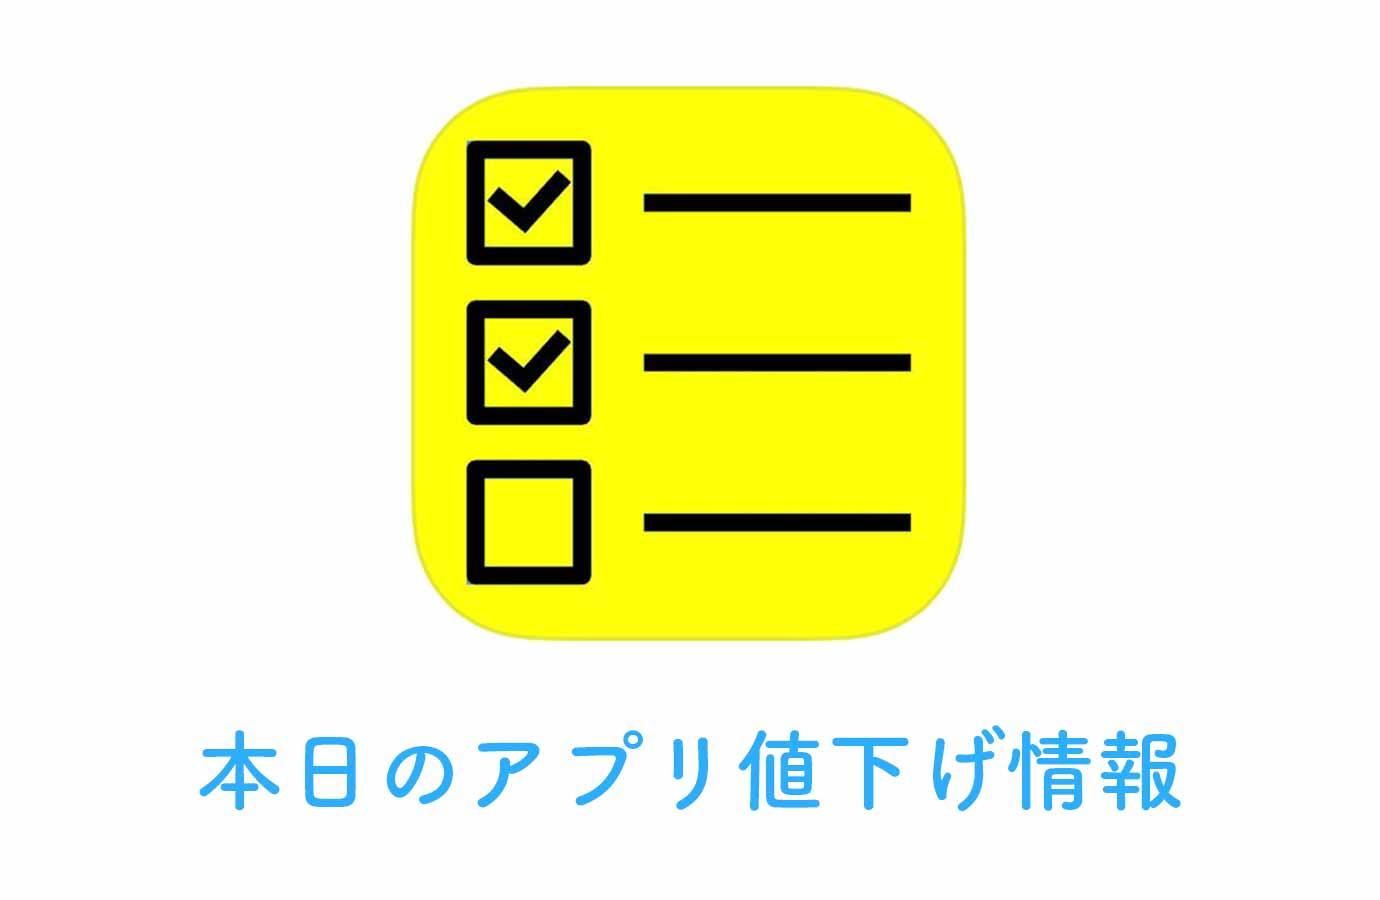 120円→無料!シンプルな買い物リストアプリ「Brainbox Shopper」など【7/18版】アプリ値下げ情報